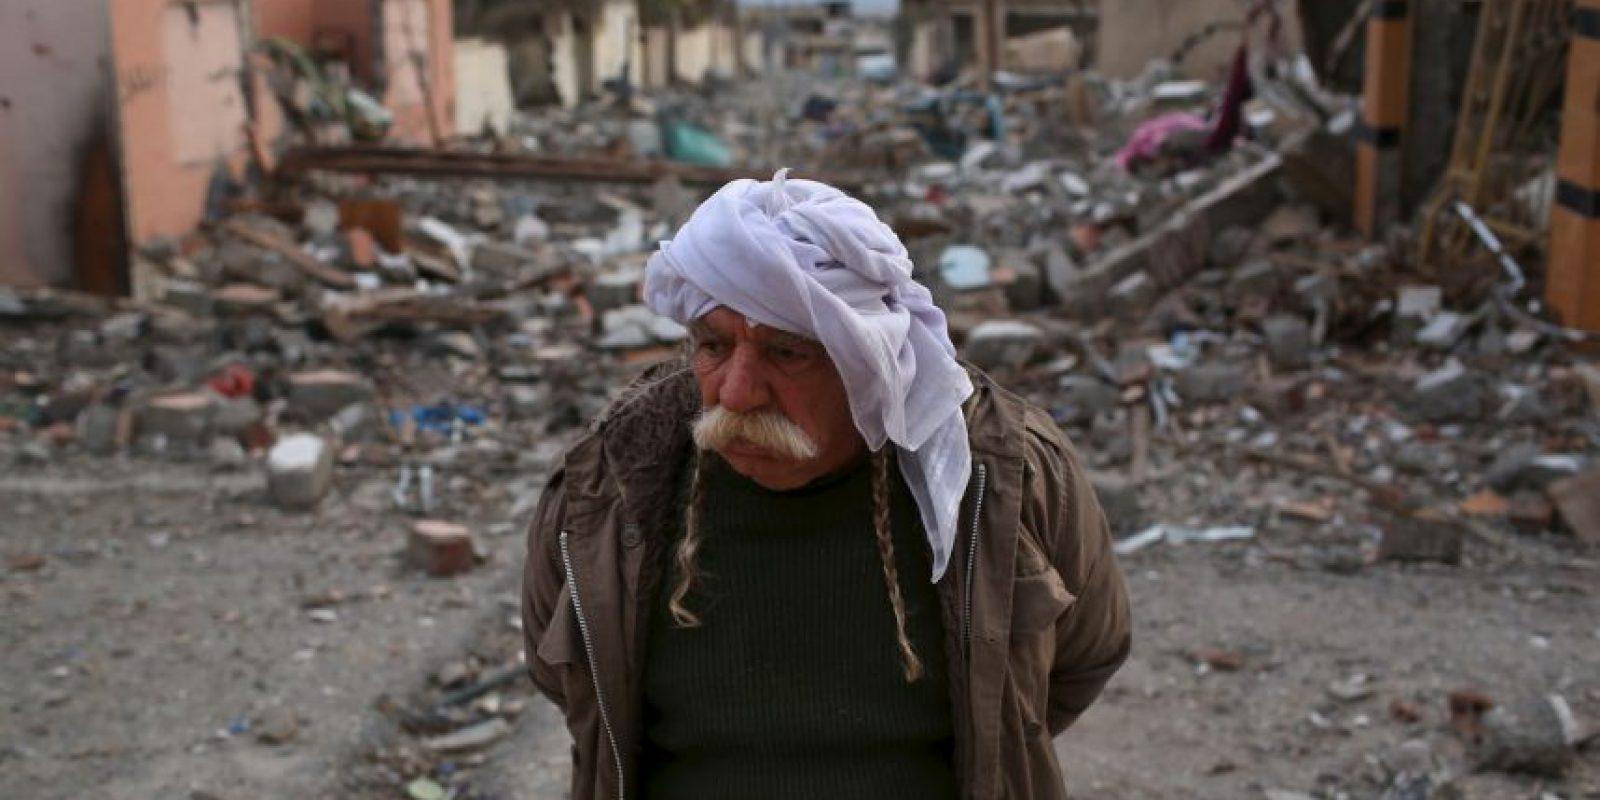 """De acuerdo a los documentos, fue una """"detención civil"""", lo que significa que él no participaba en alguna organización terrorista en Irak Foto:AFP"""